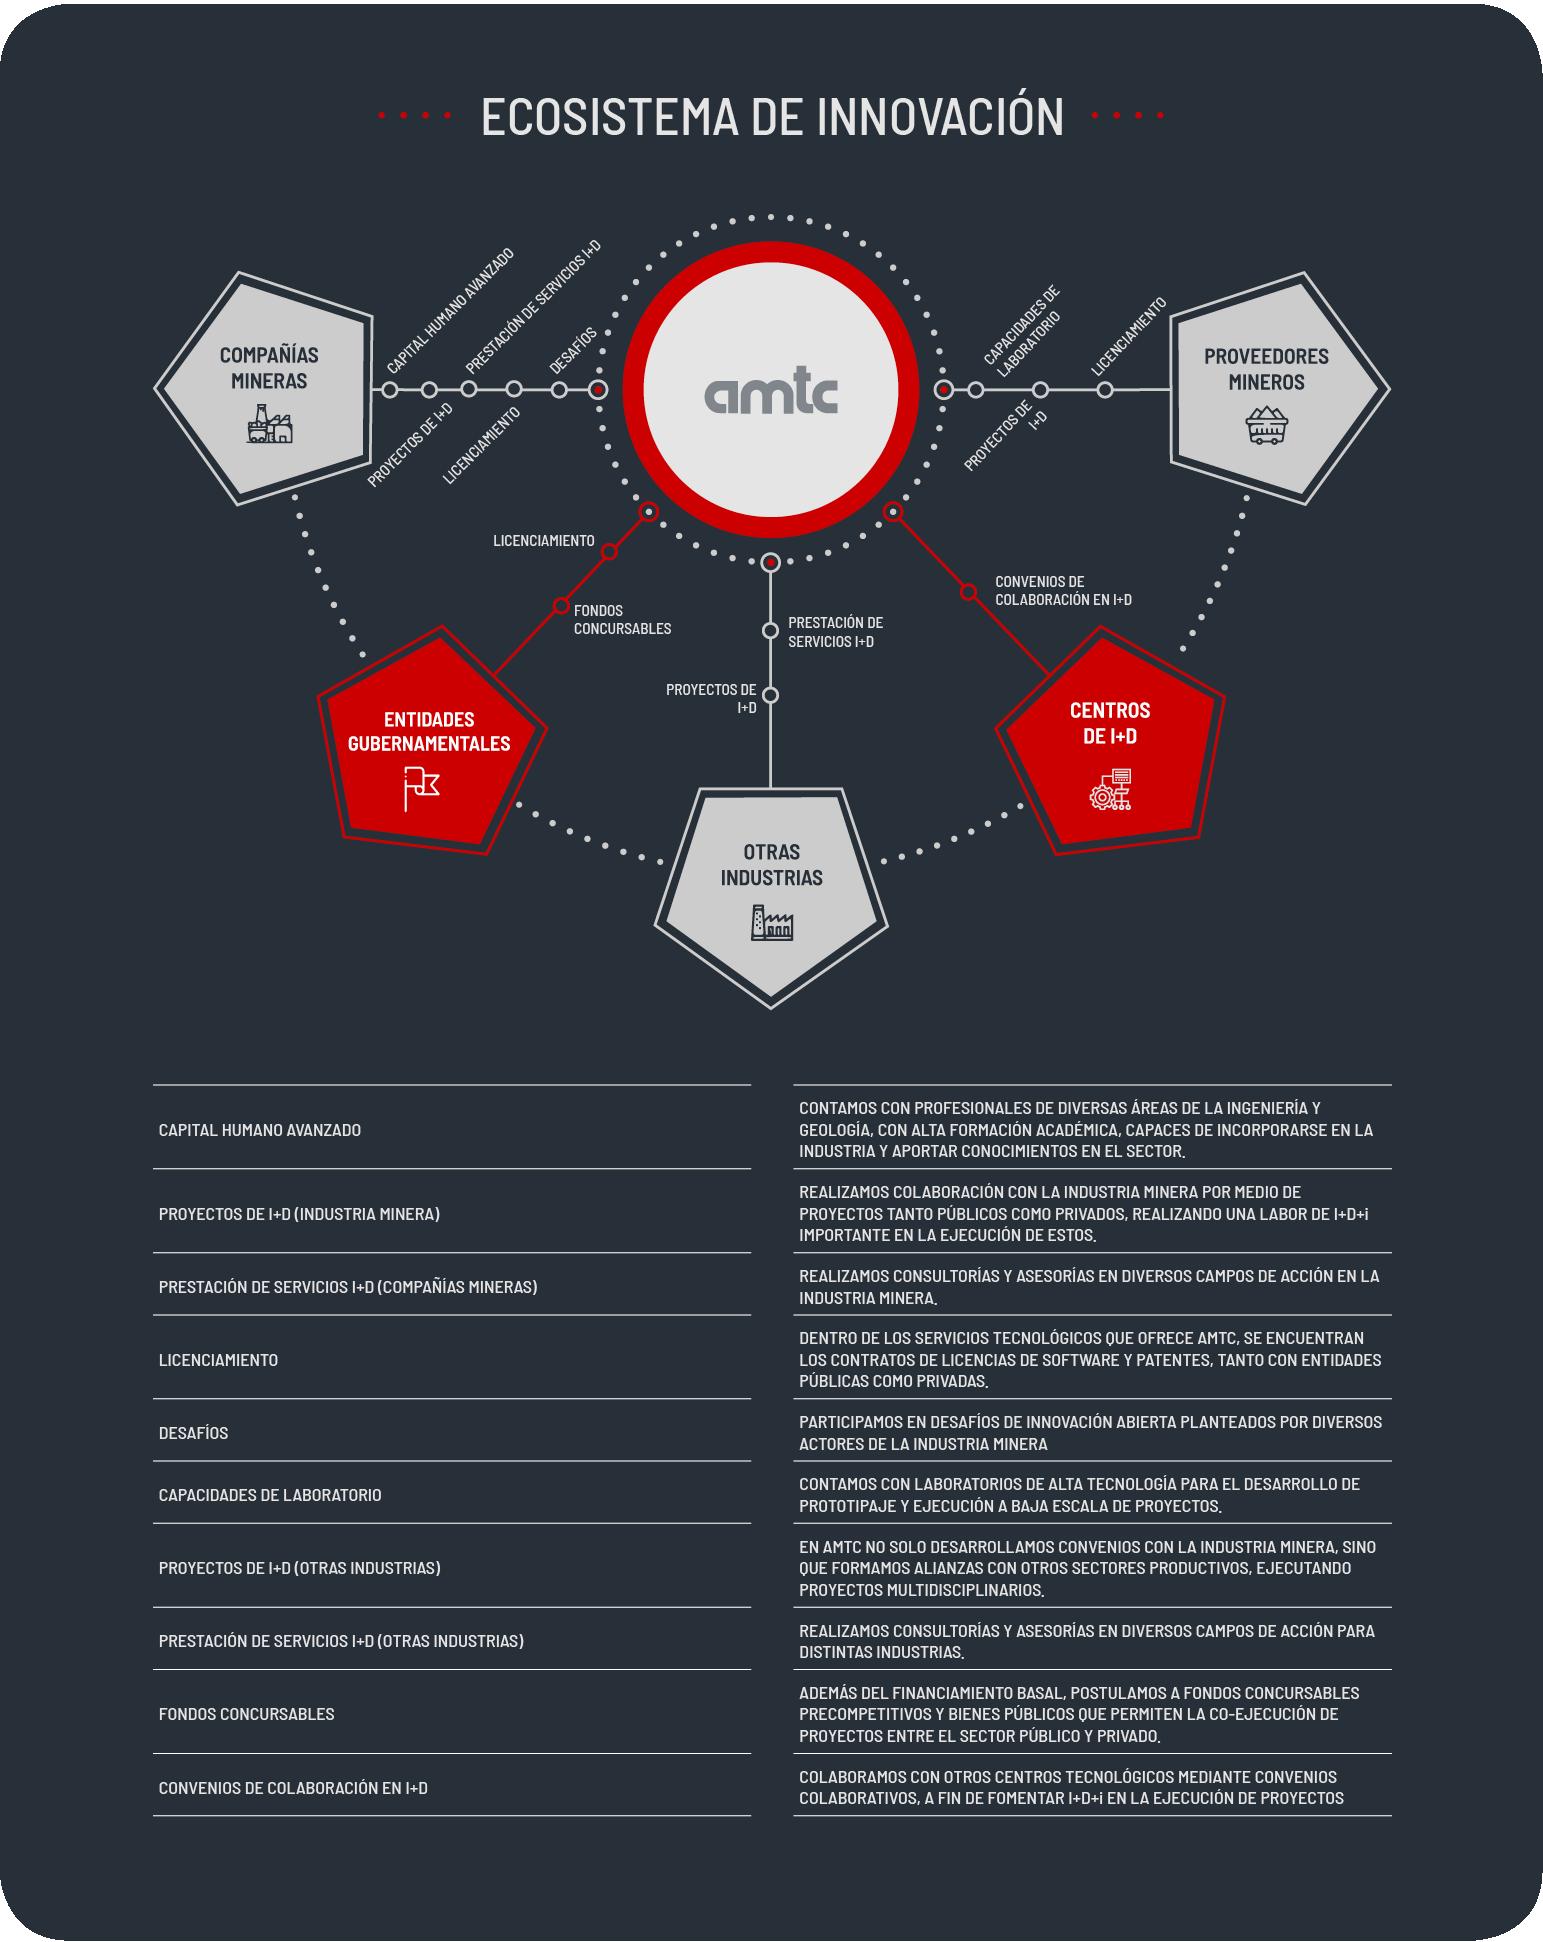 Modelo Ecosistema Innovacion - AMTC